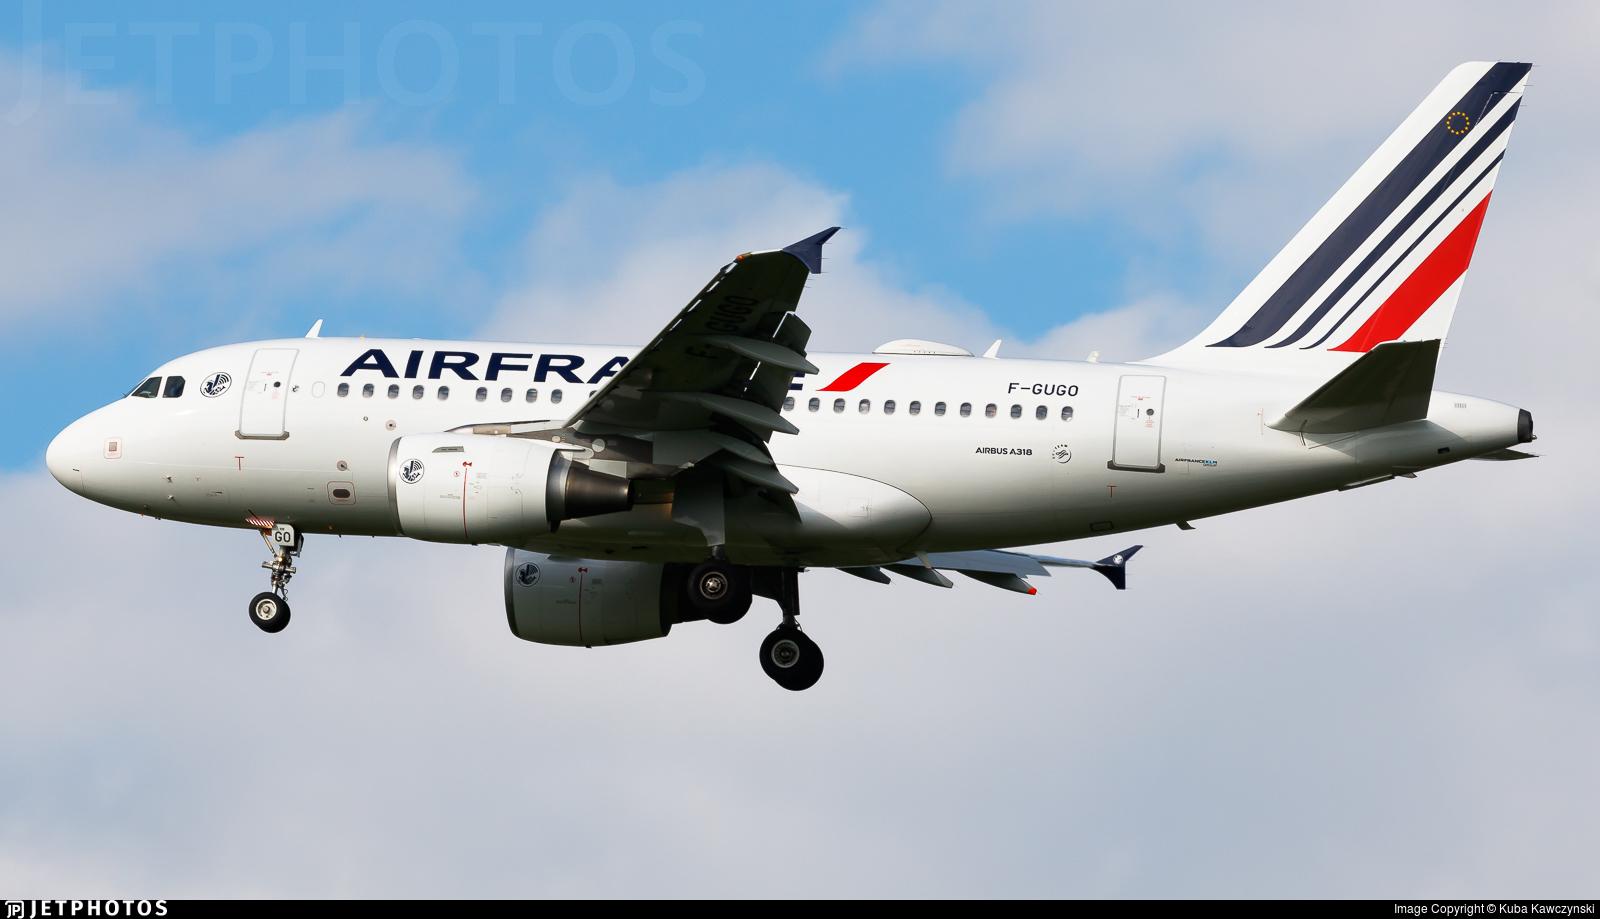 F-GUGO - Airbus A318-111 - Air France